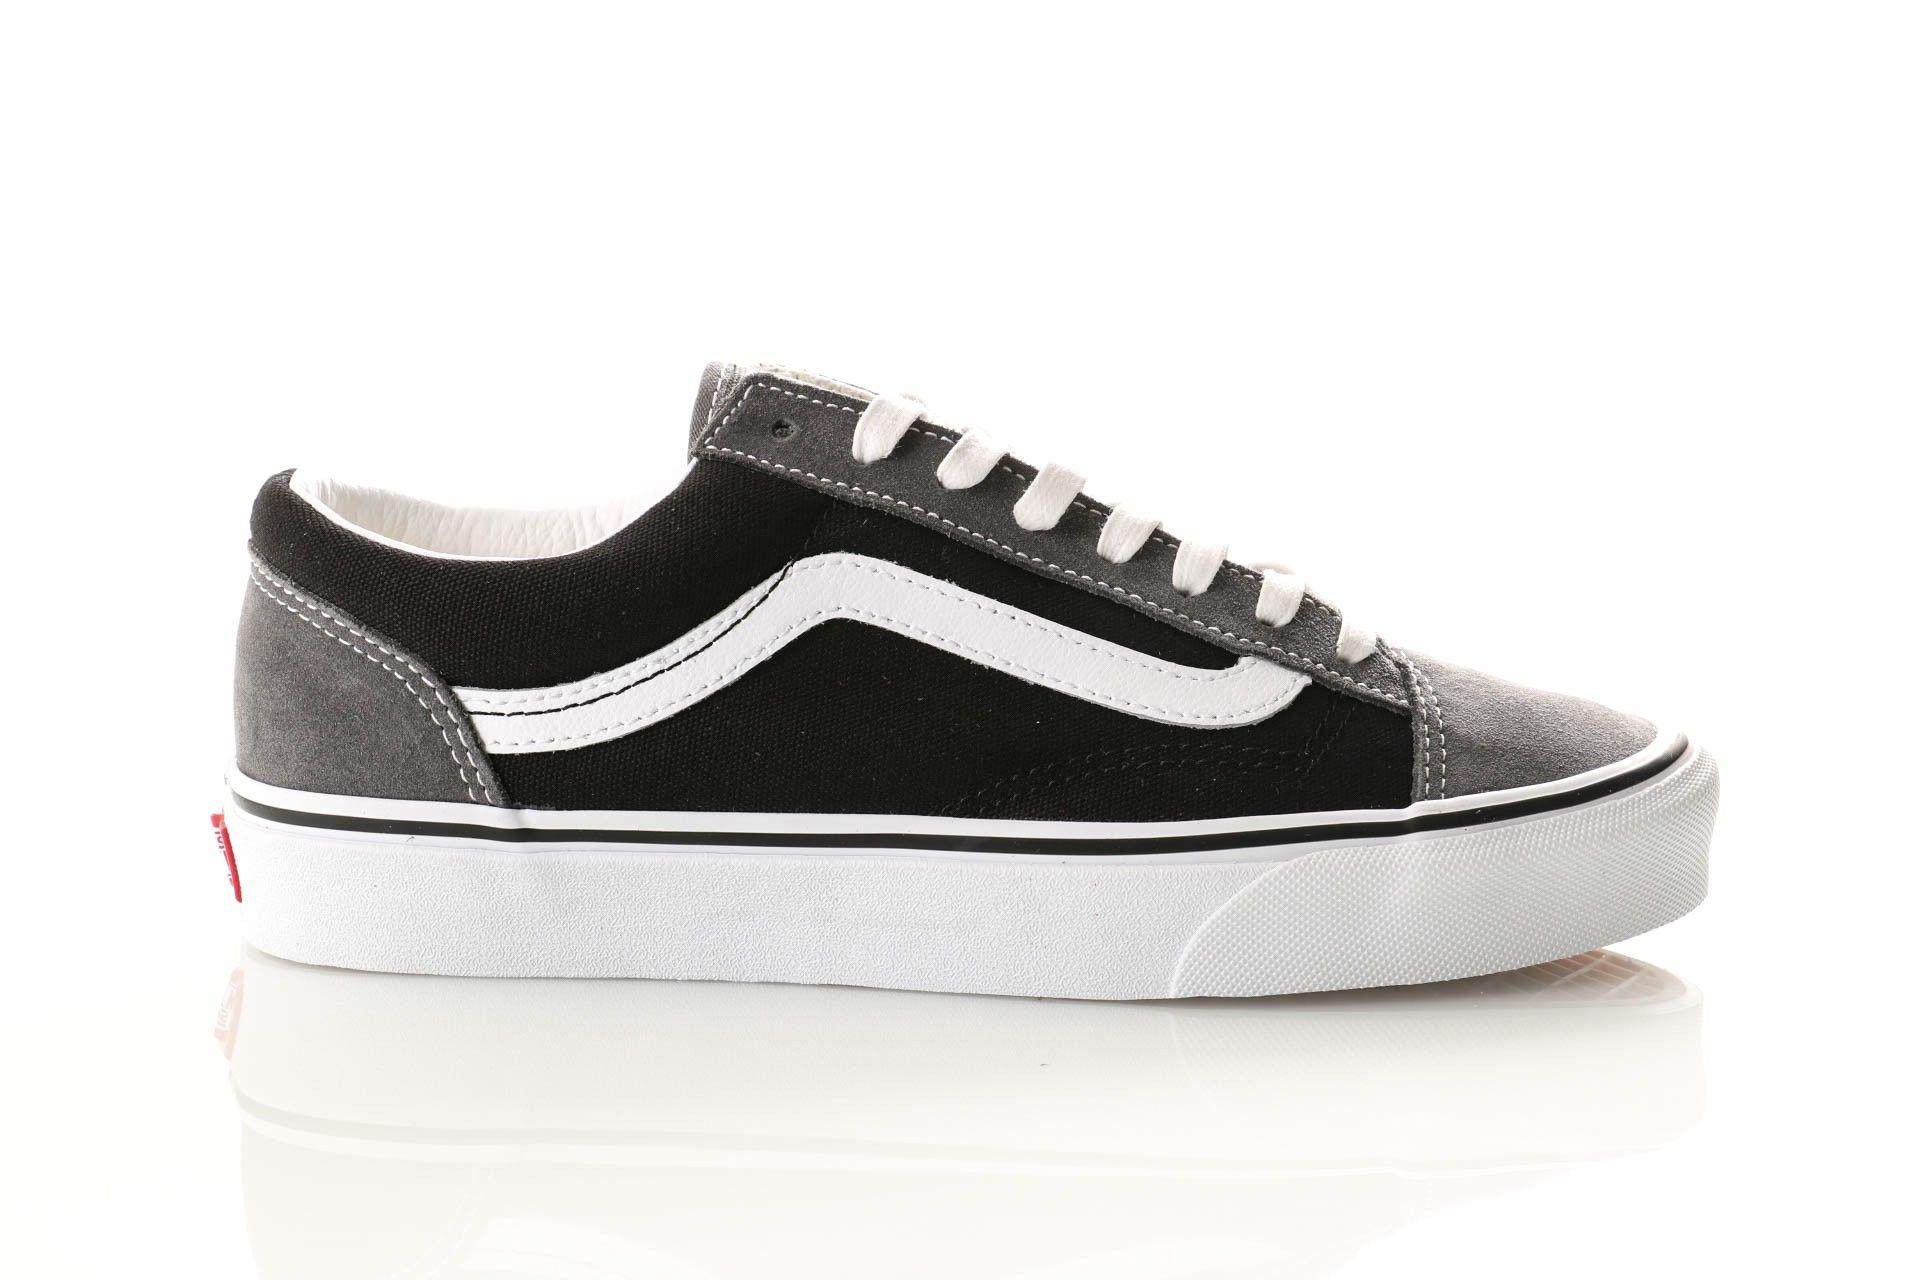 Afbeelding van Vans Ua Style 36 Vn0A3Dz3Xmp1 Sneakers (Vintage Suede) Pewter/Black